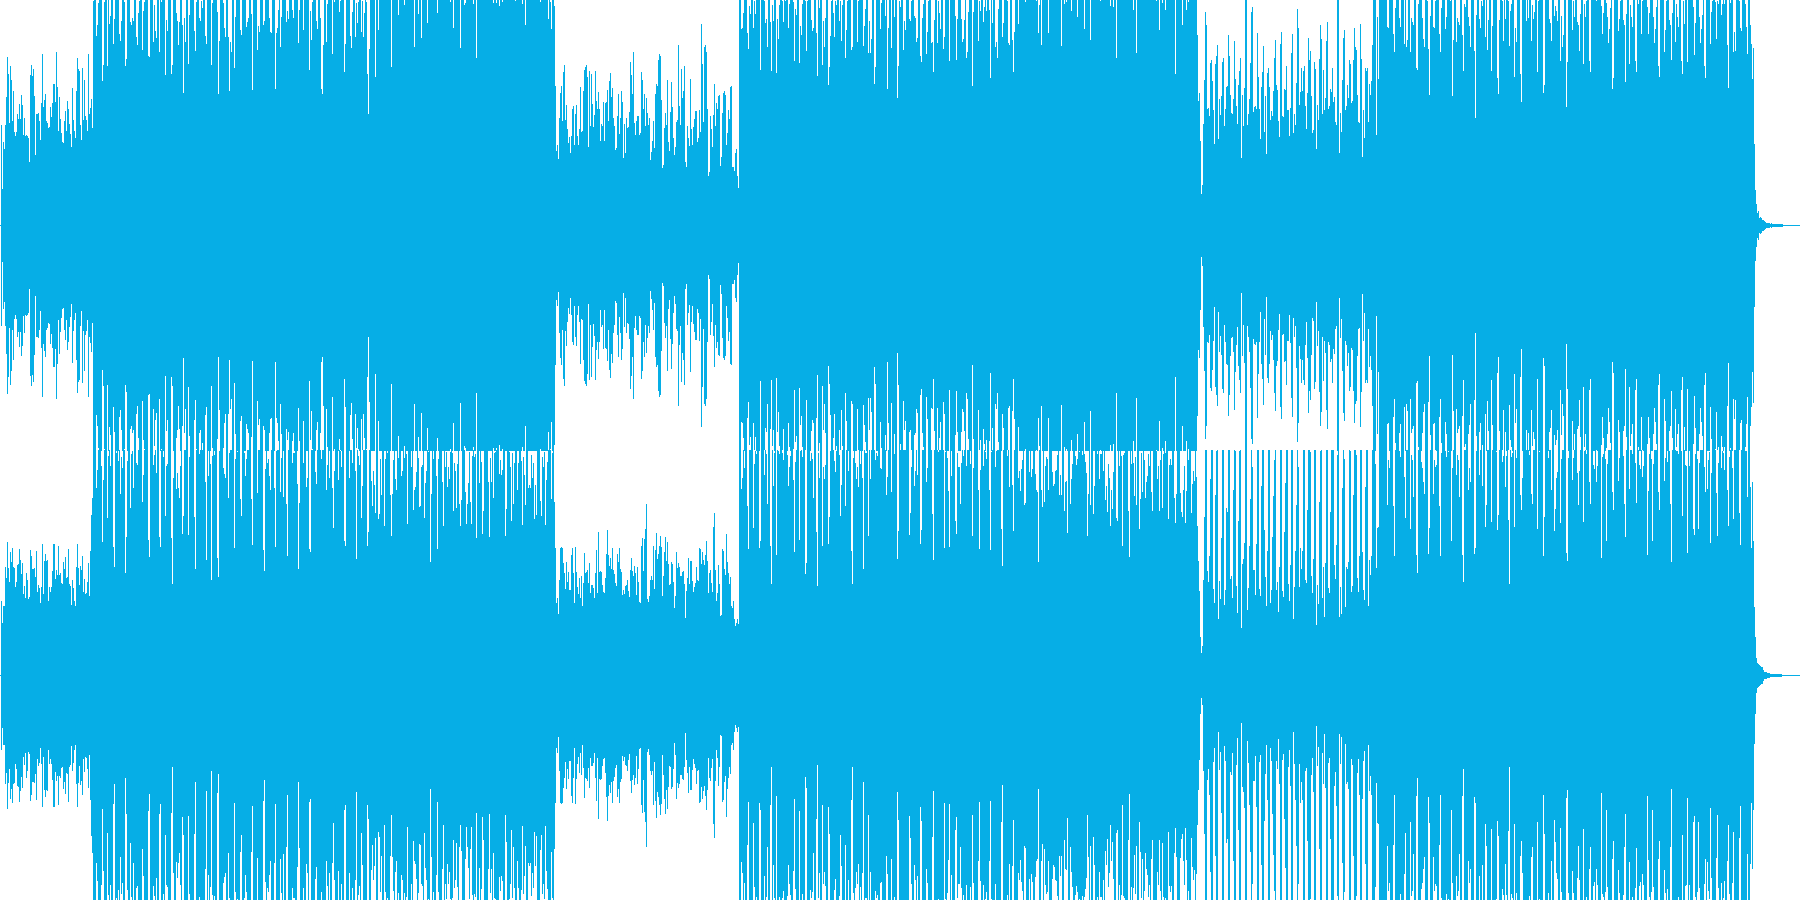 ヒューマンボイスを軸にEDM調で展開。の再生済みの波形